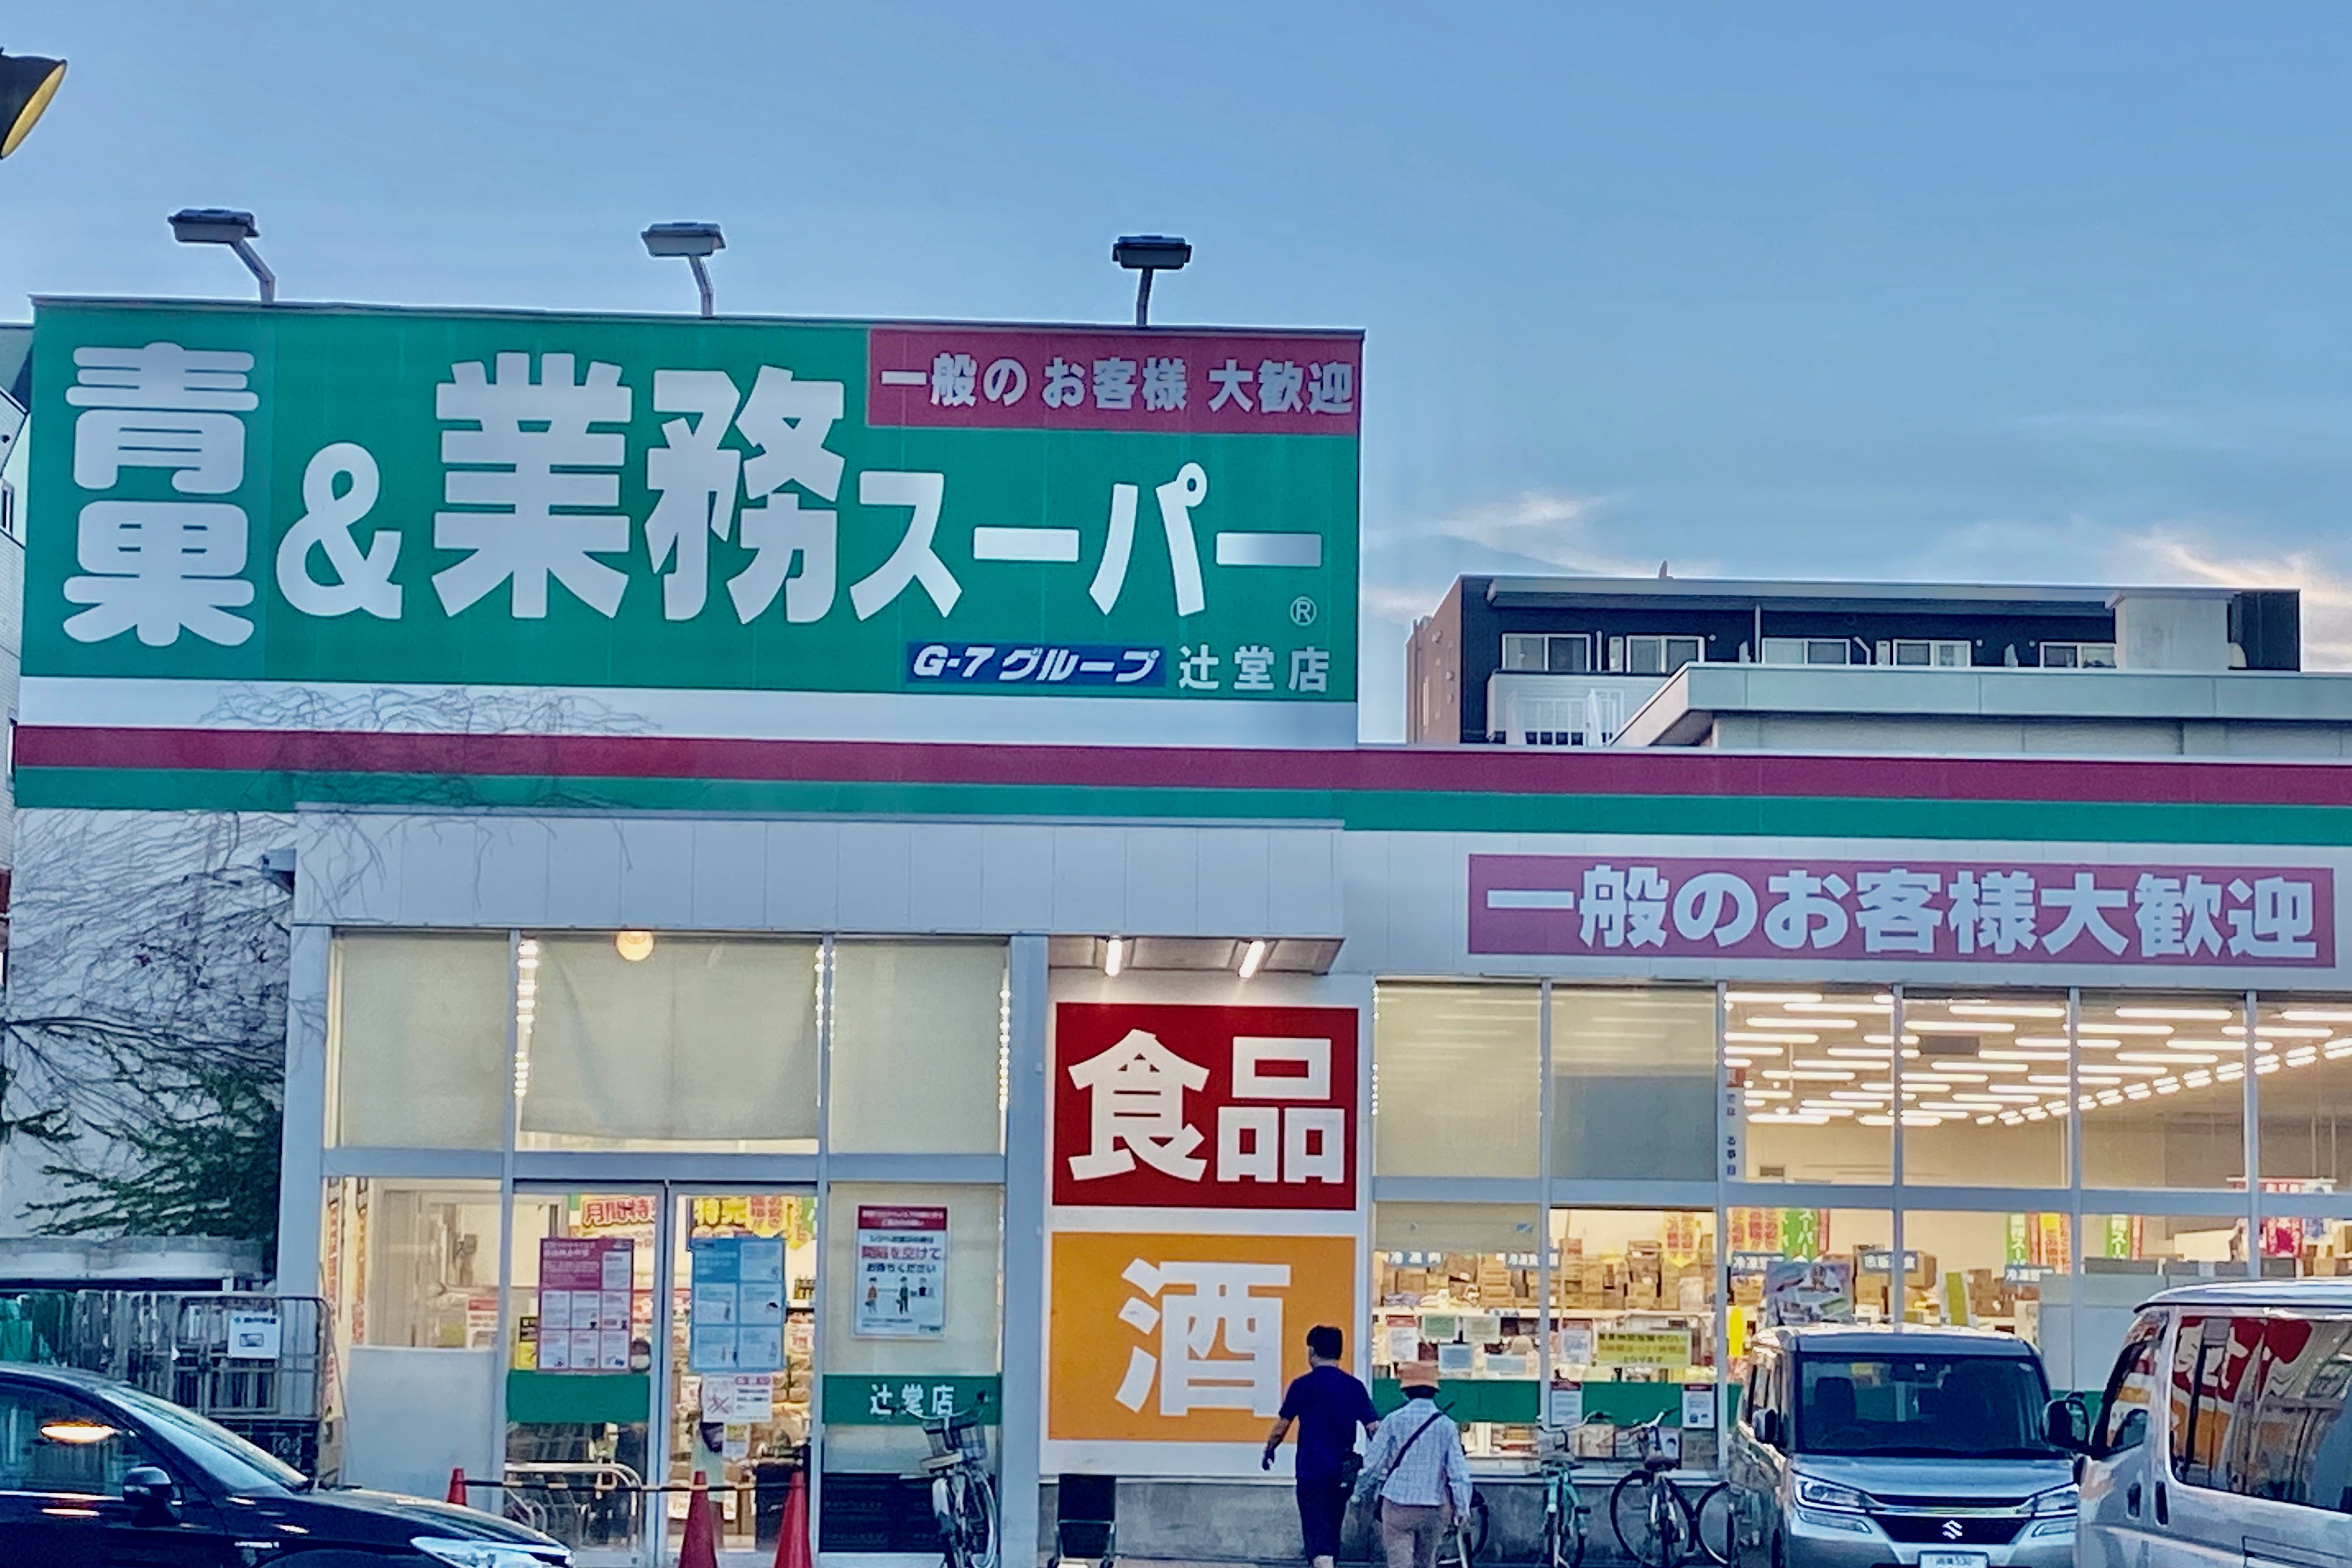 【業務スーパー】買って失敗した食品10選。コスパはいいけど「リピ」はなし!?